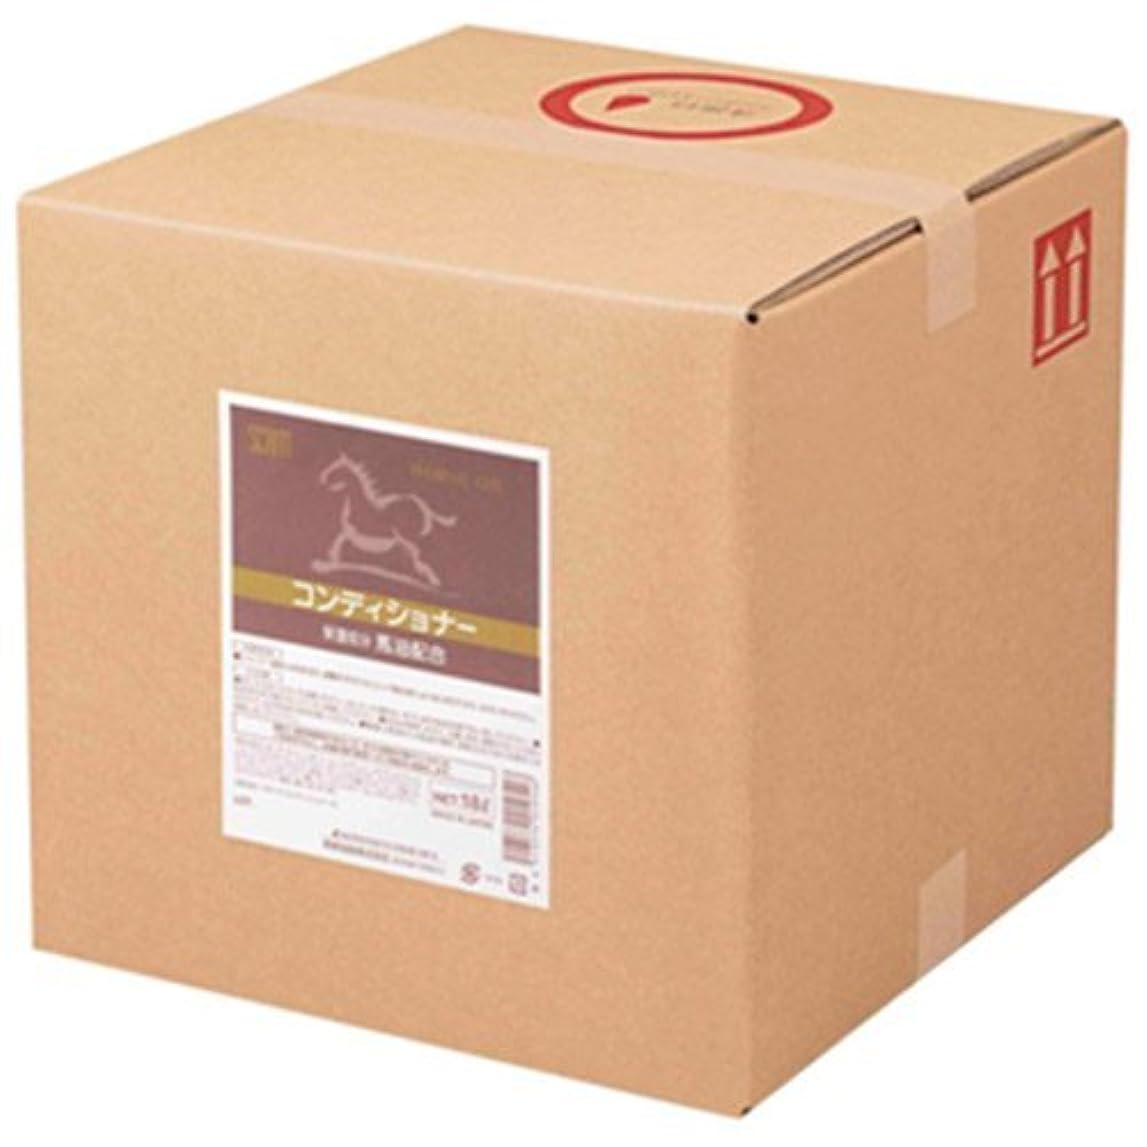 慈善あざ命令業務用 SCRITT(スクリット) 馬油コンディショナー 18L 熊野油脂 (コック付き)